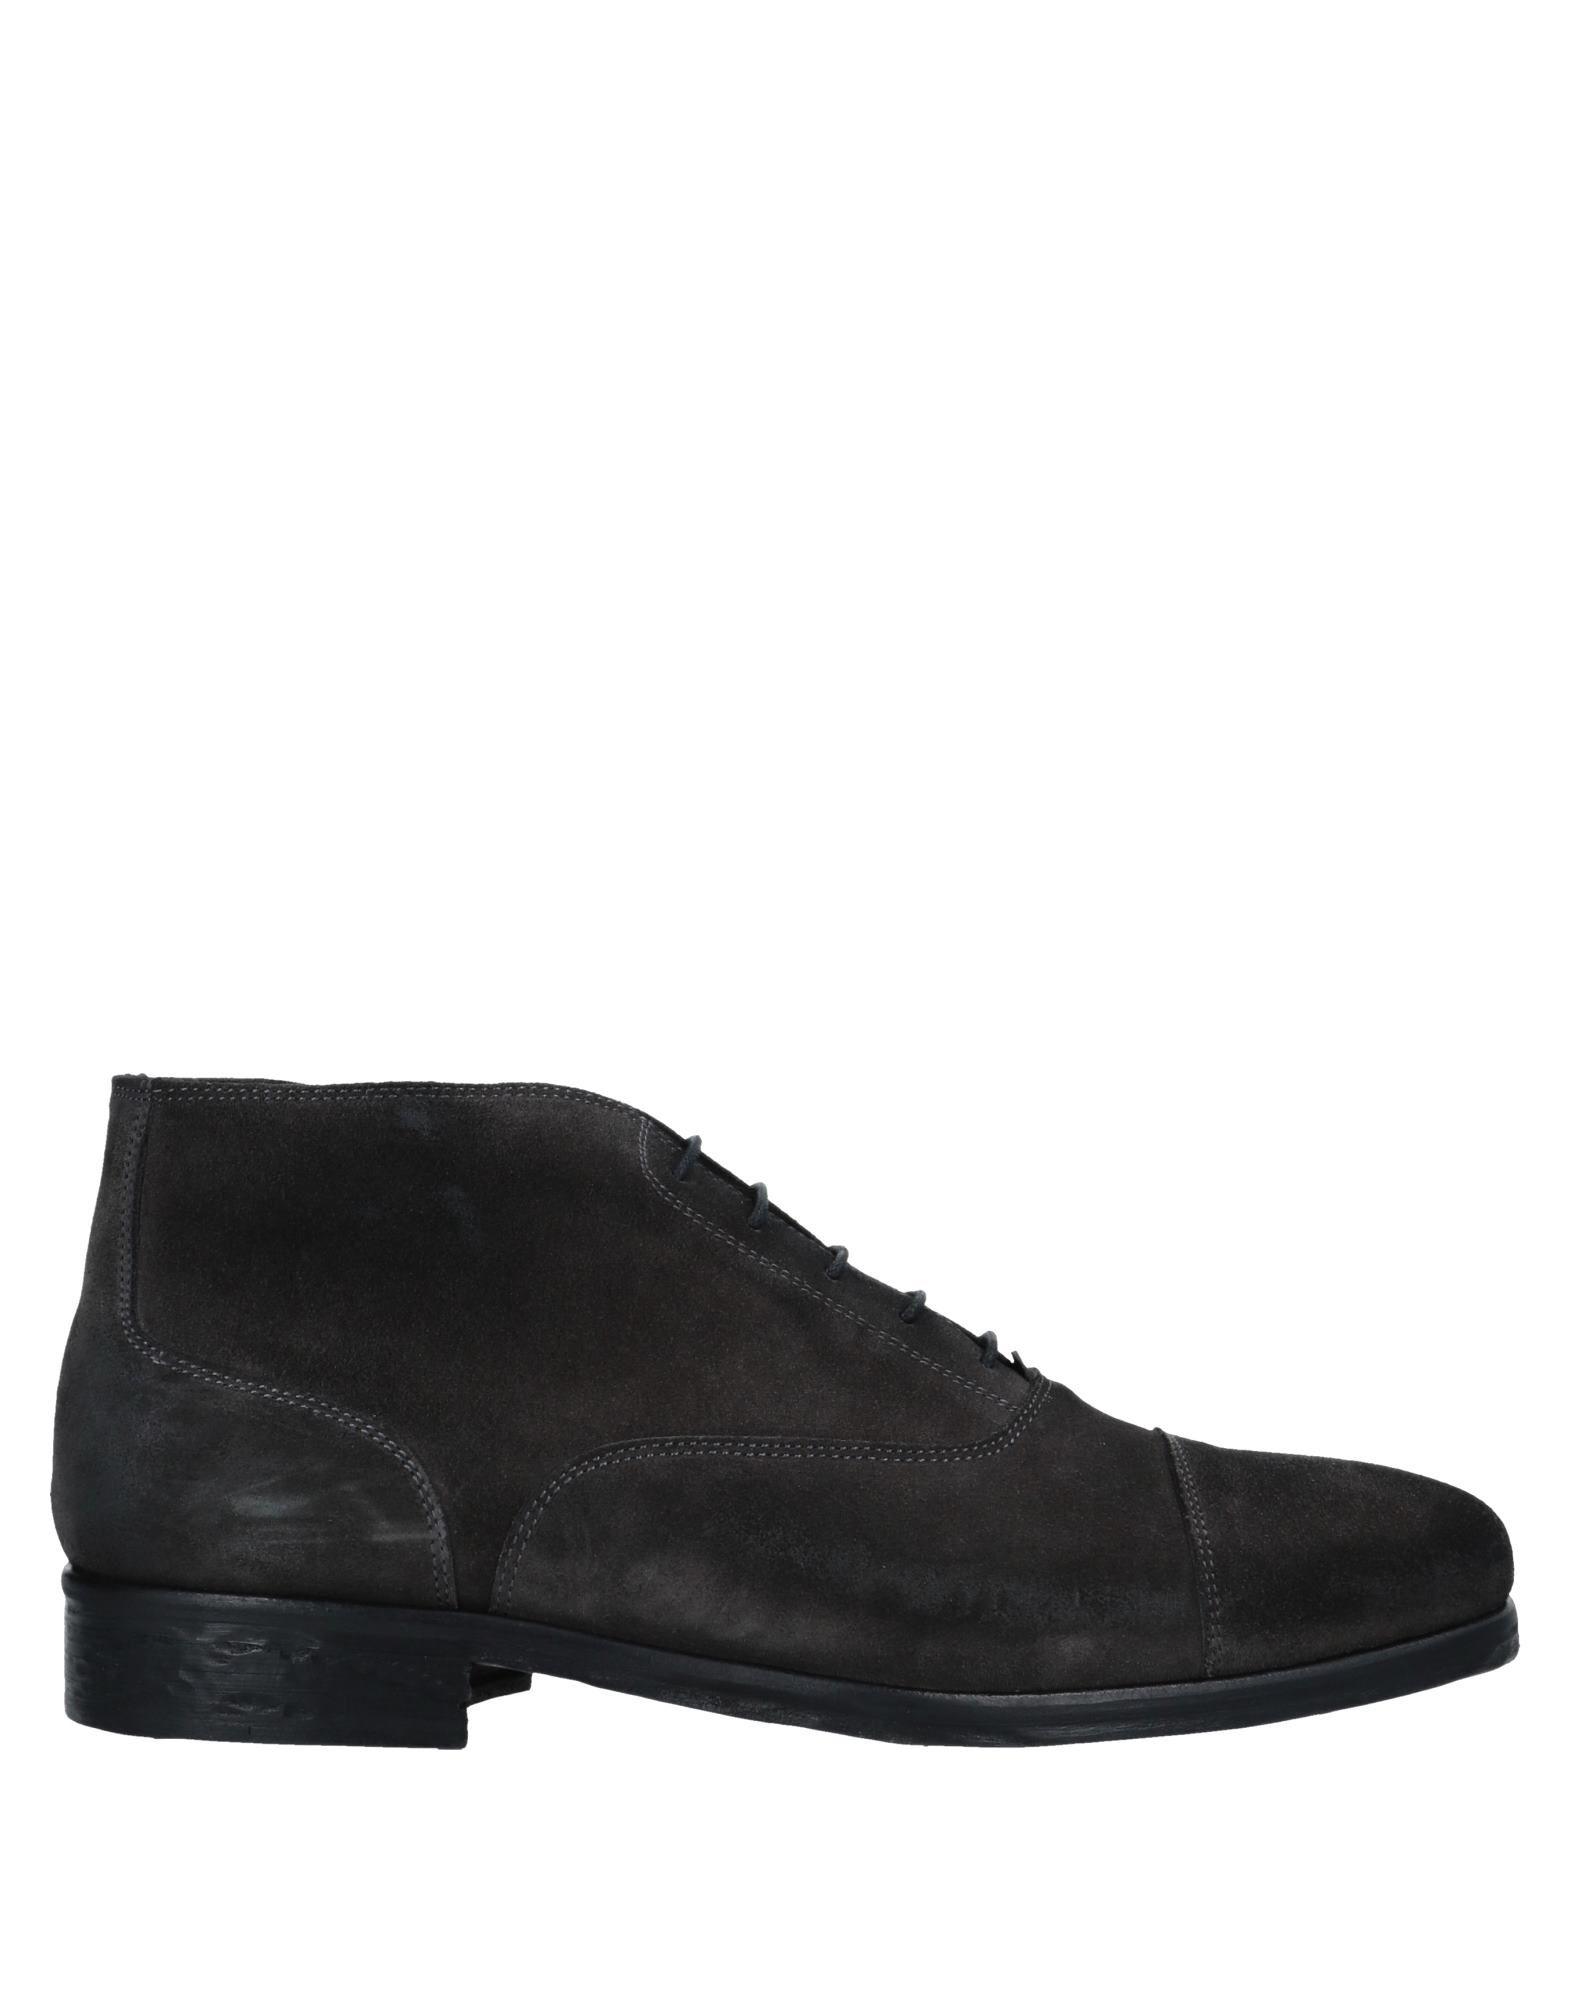 Daniele Alessandrini Boots - Men Daniele  Alessandrini Boots online on  Daniele Australia - 11544436GT b7dfb1